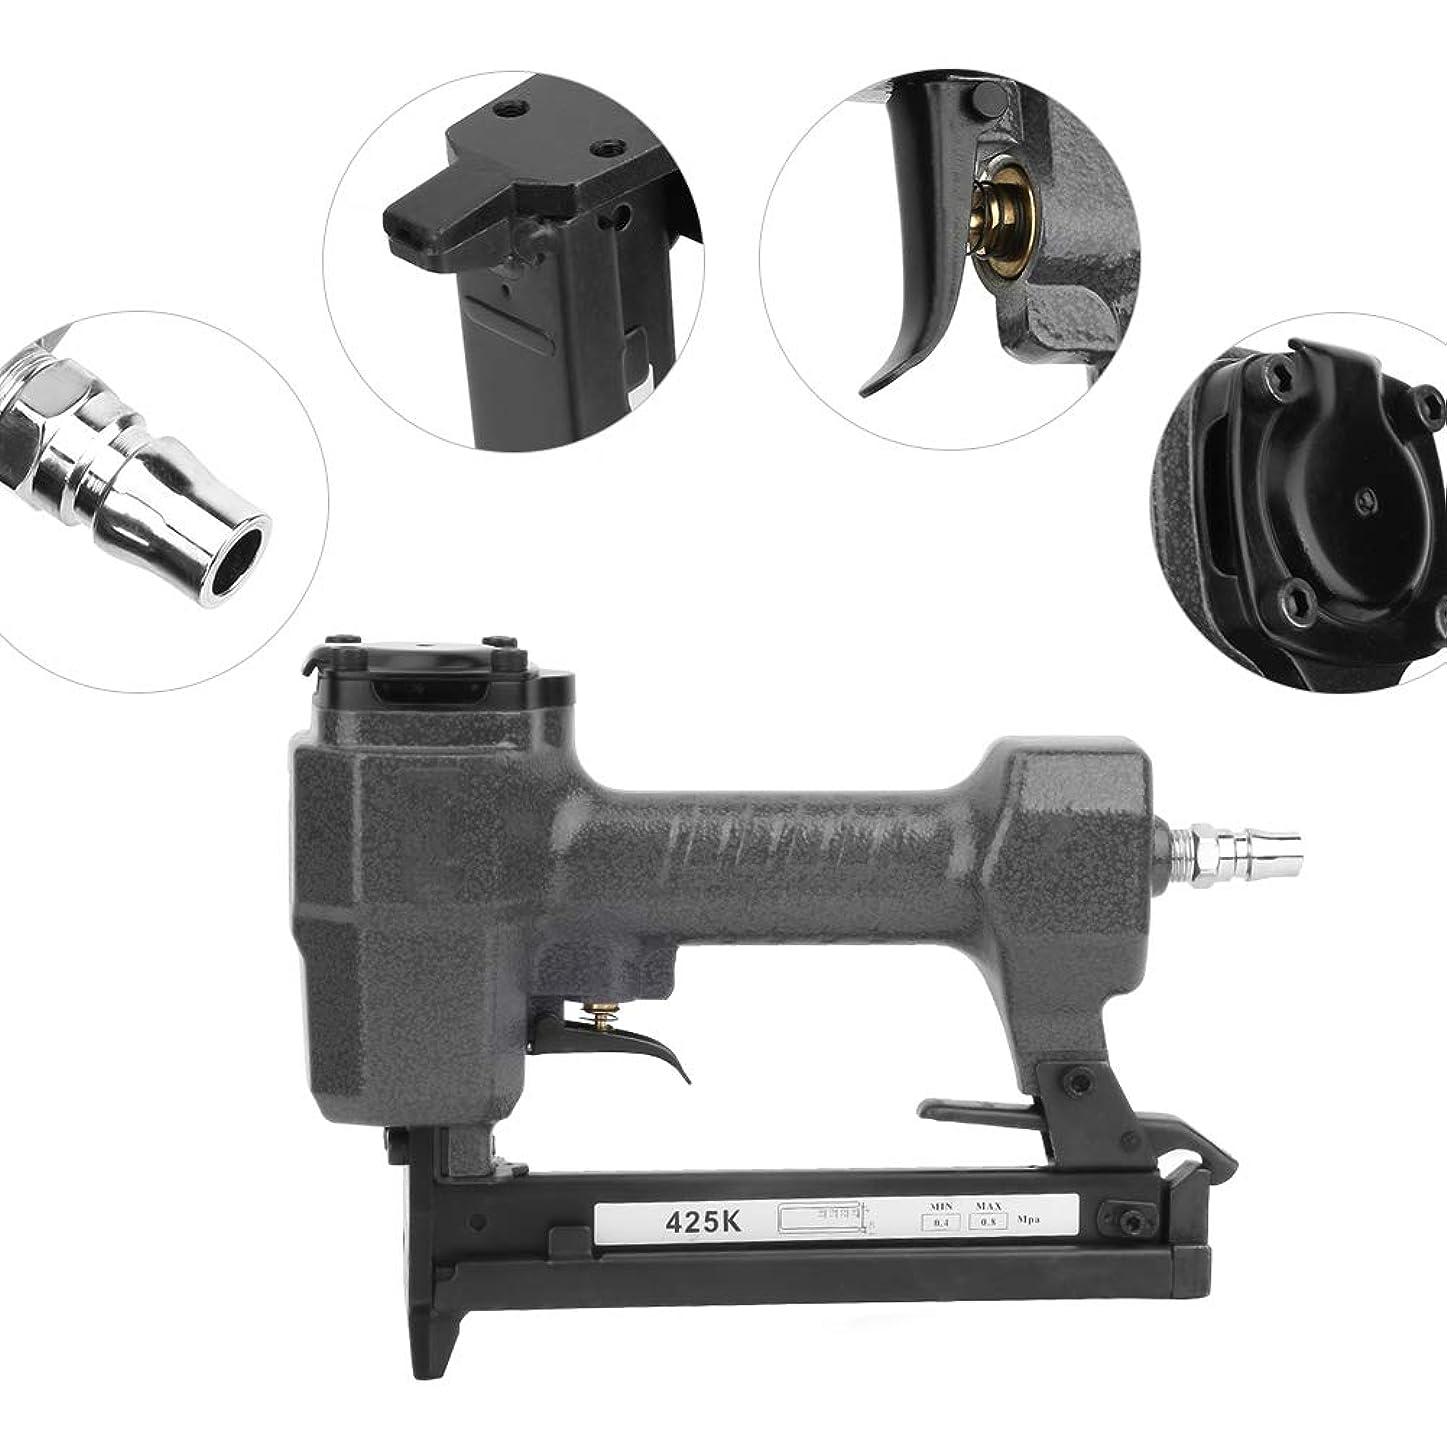 質素なスキム金額エアーネイルガン、空気圧木工ツール、空気圧トリム釘打機フレーミング木工ツール425KB 1.25 * 1.05mm